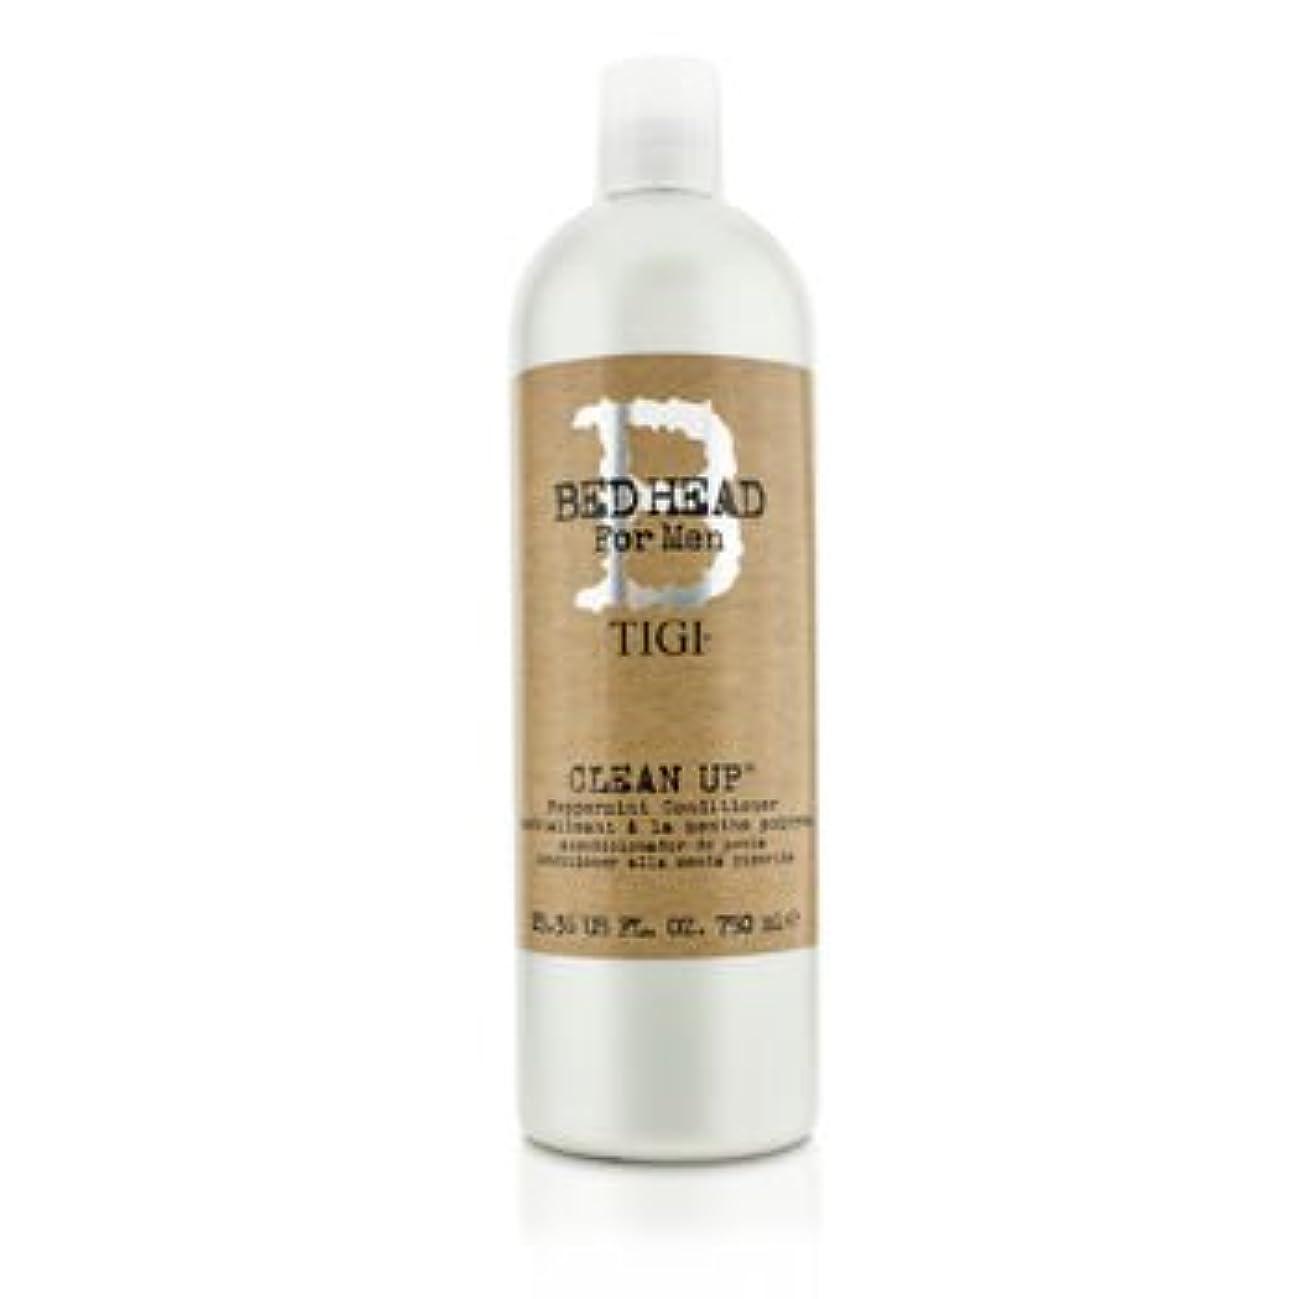 ベリー楕円形割合[Tigi] Bed Head B For Men Clean Up Peppermint Conditioner 750ml/25.36oz